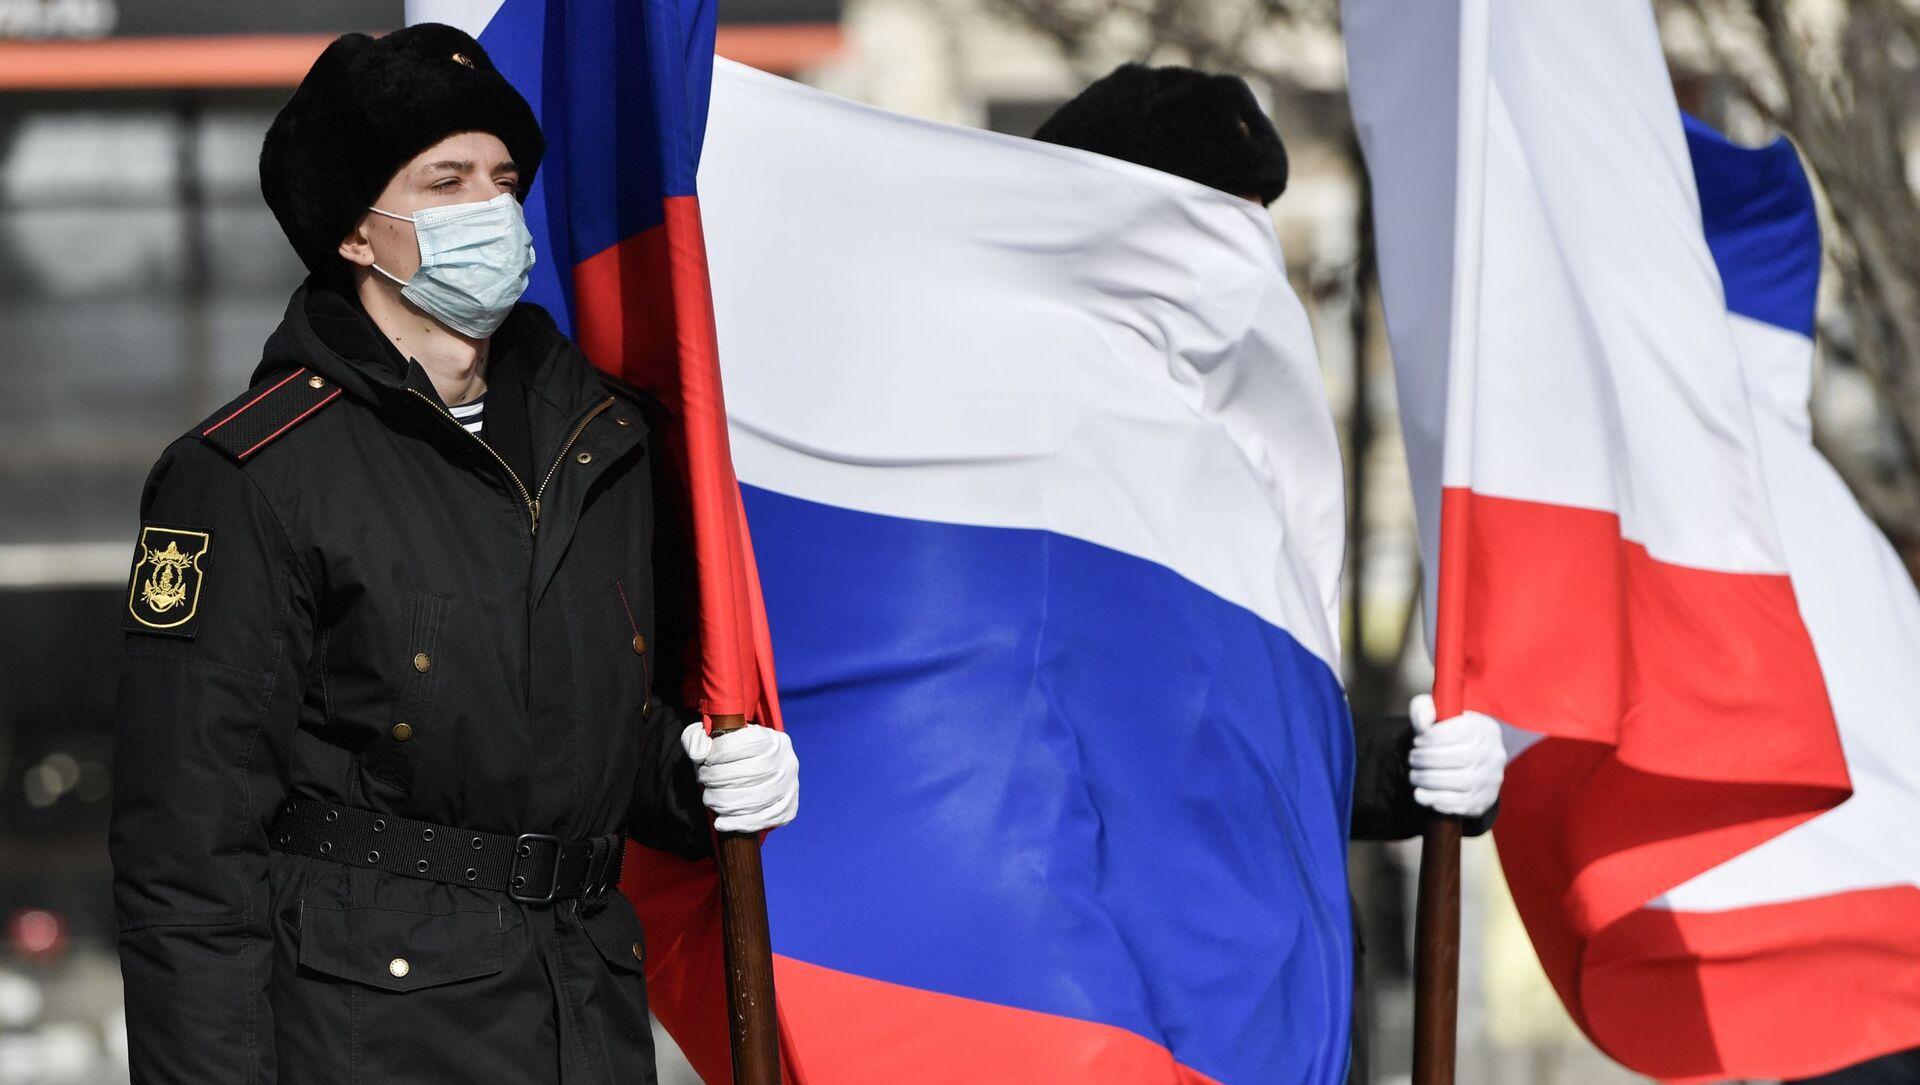 Uczestnicy wydarzeń poświęconych 7. rocznicy przyłączenia Krymu do Rosji. - Sputnik Polska, 1920, 16.03.2021